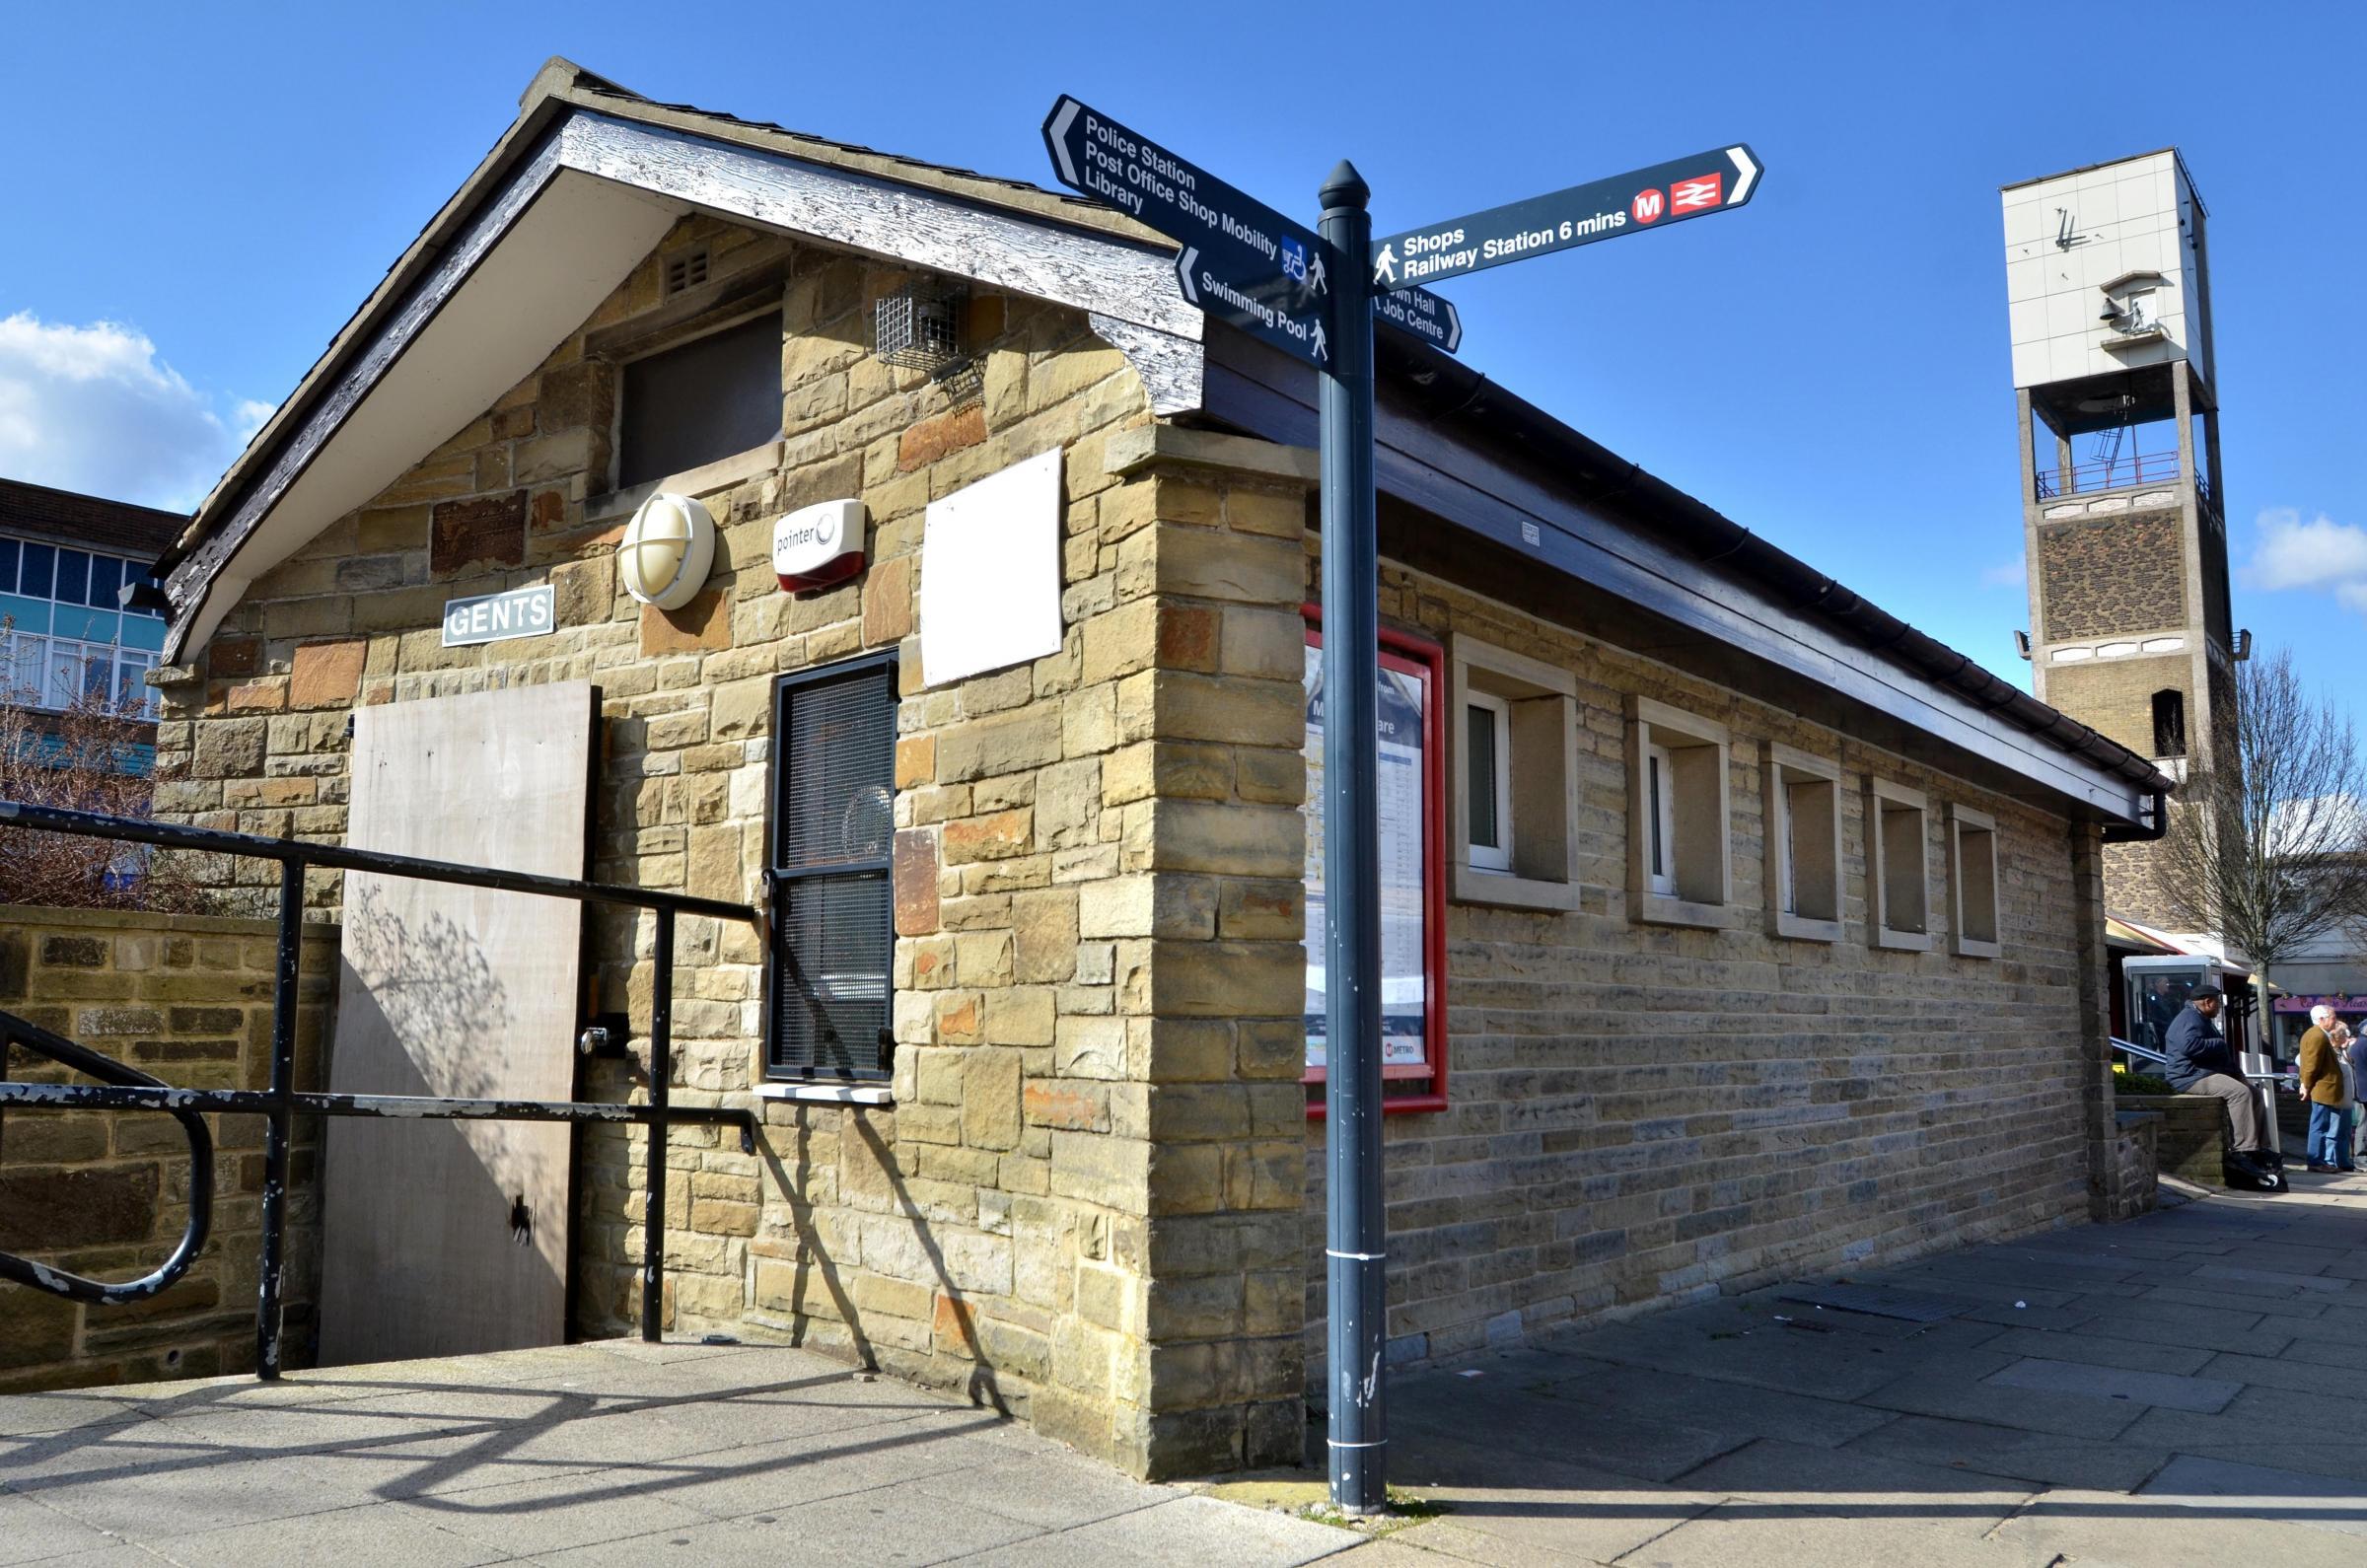 Shipley public toilets